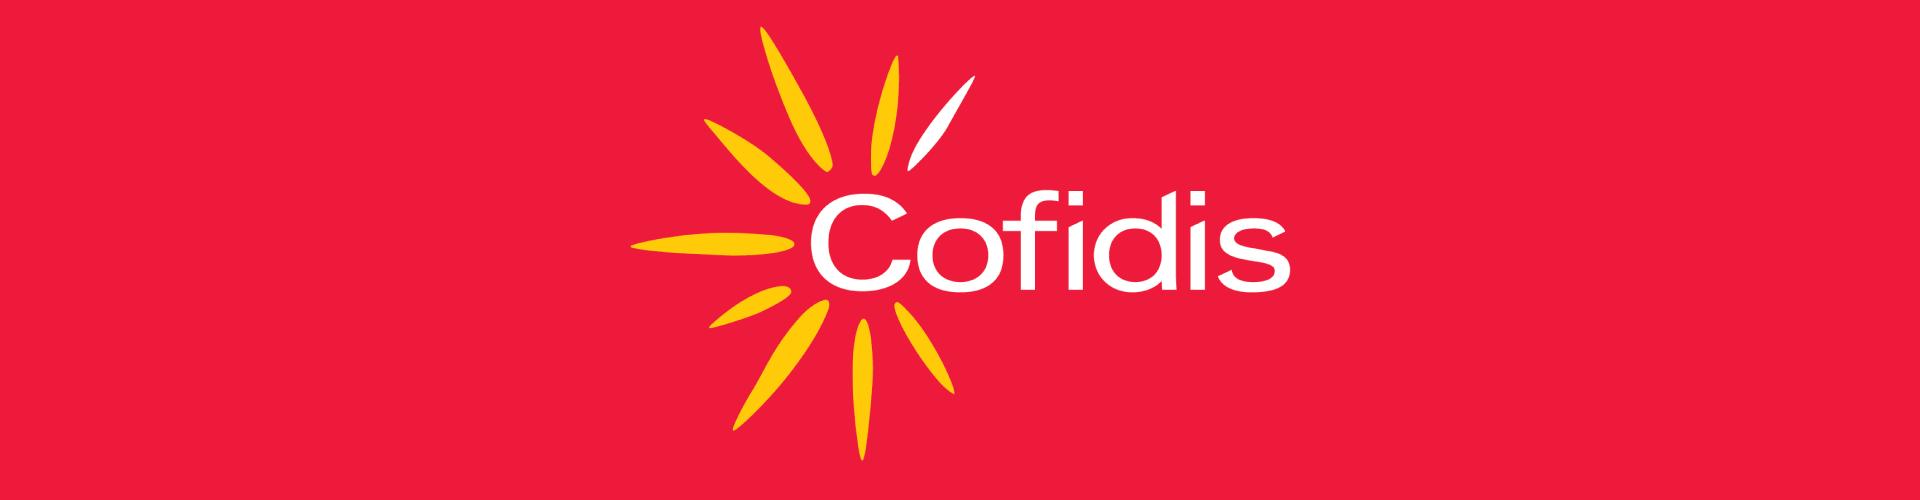 Cofidis Magyarország - Személyi kölcsön hitelkalkulátor 28015953e0